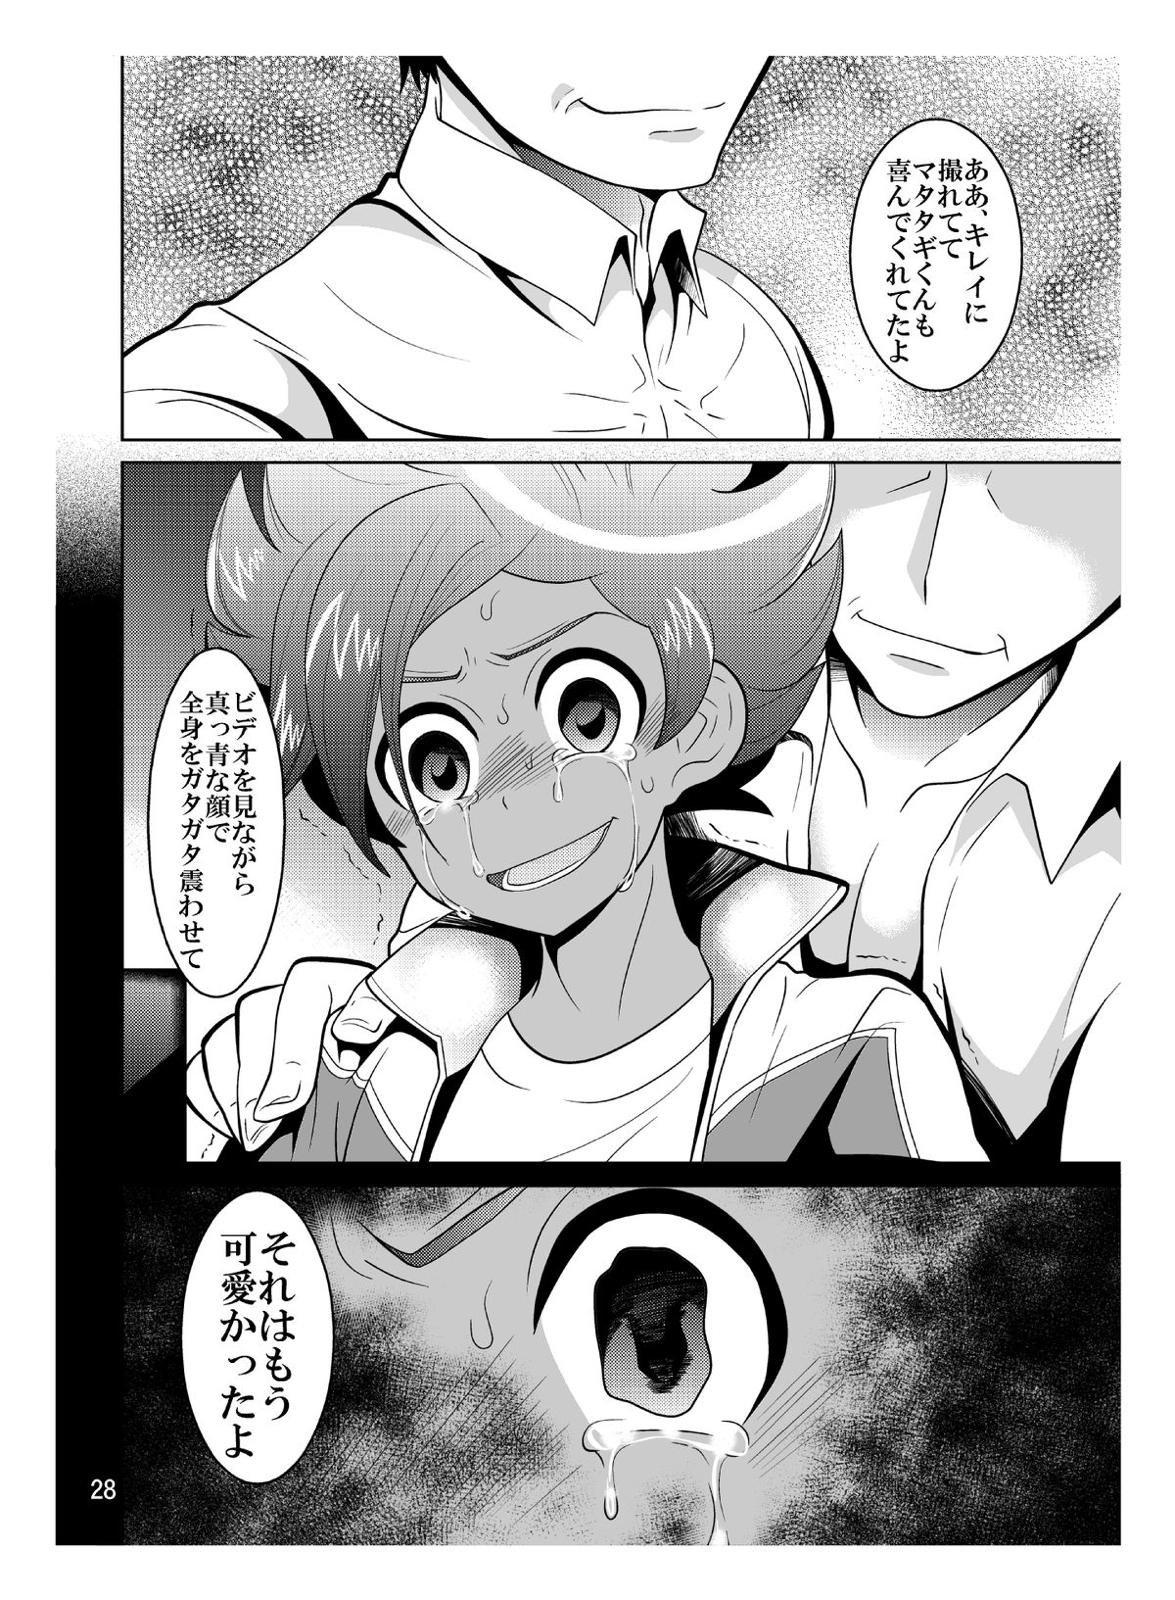 イナイレBL漫画】モブ×瞬木 ...の写真